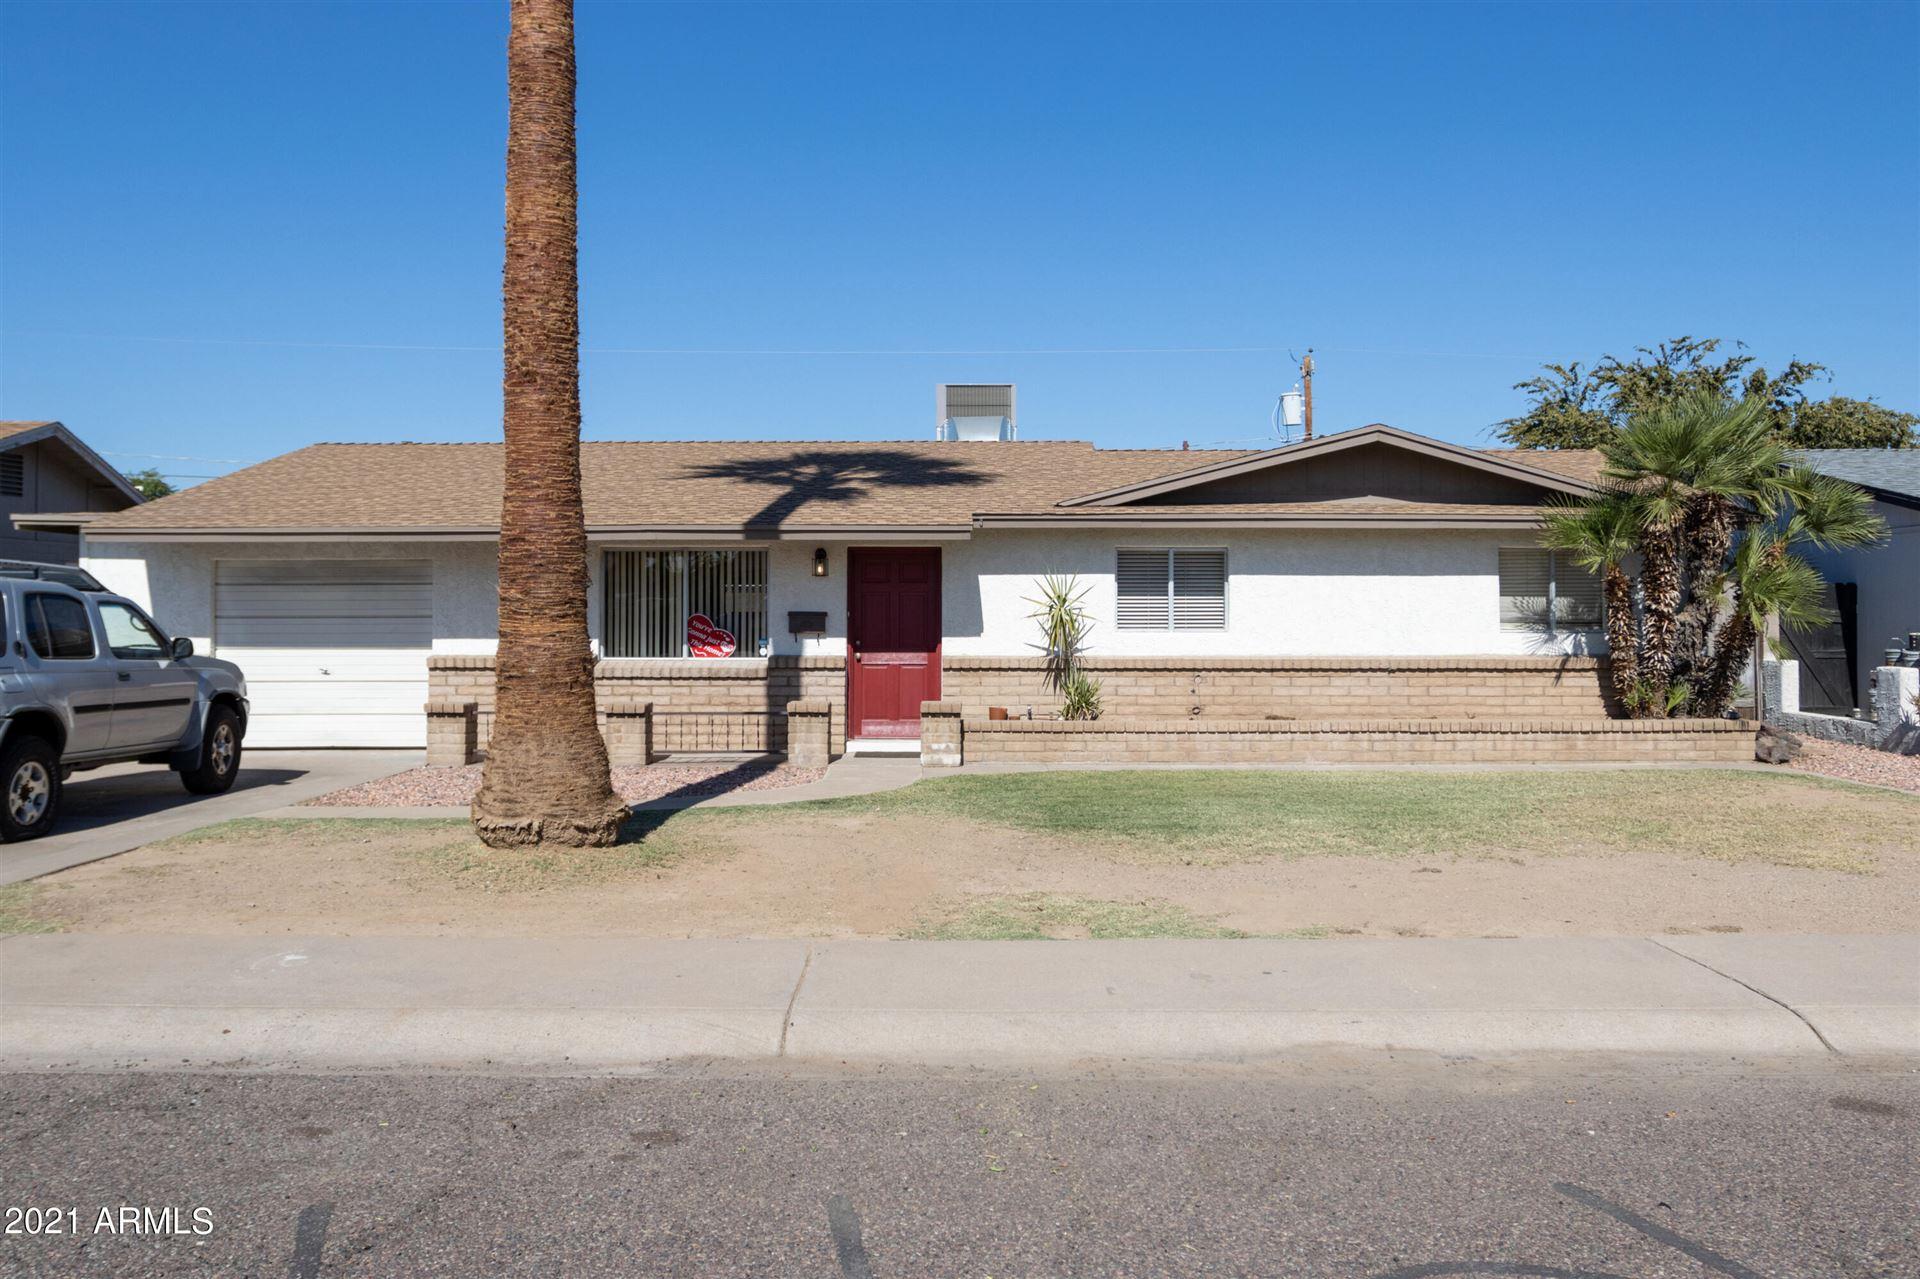 3634 W DENTON Lane, Phoenix, AZ 85019 - MLS#: 6312474